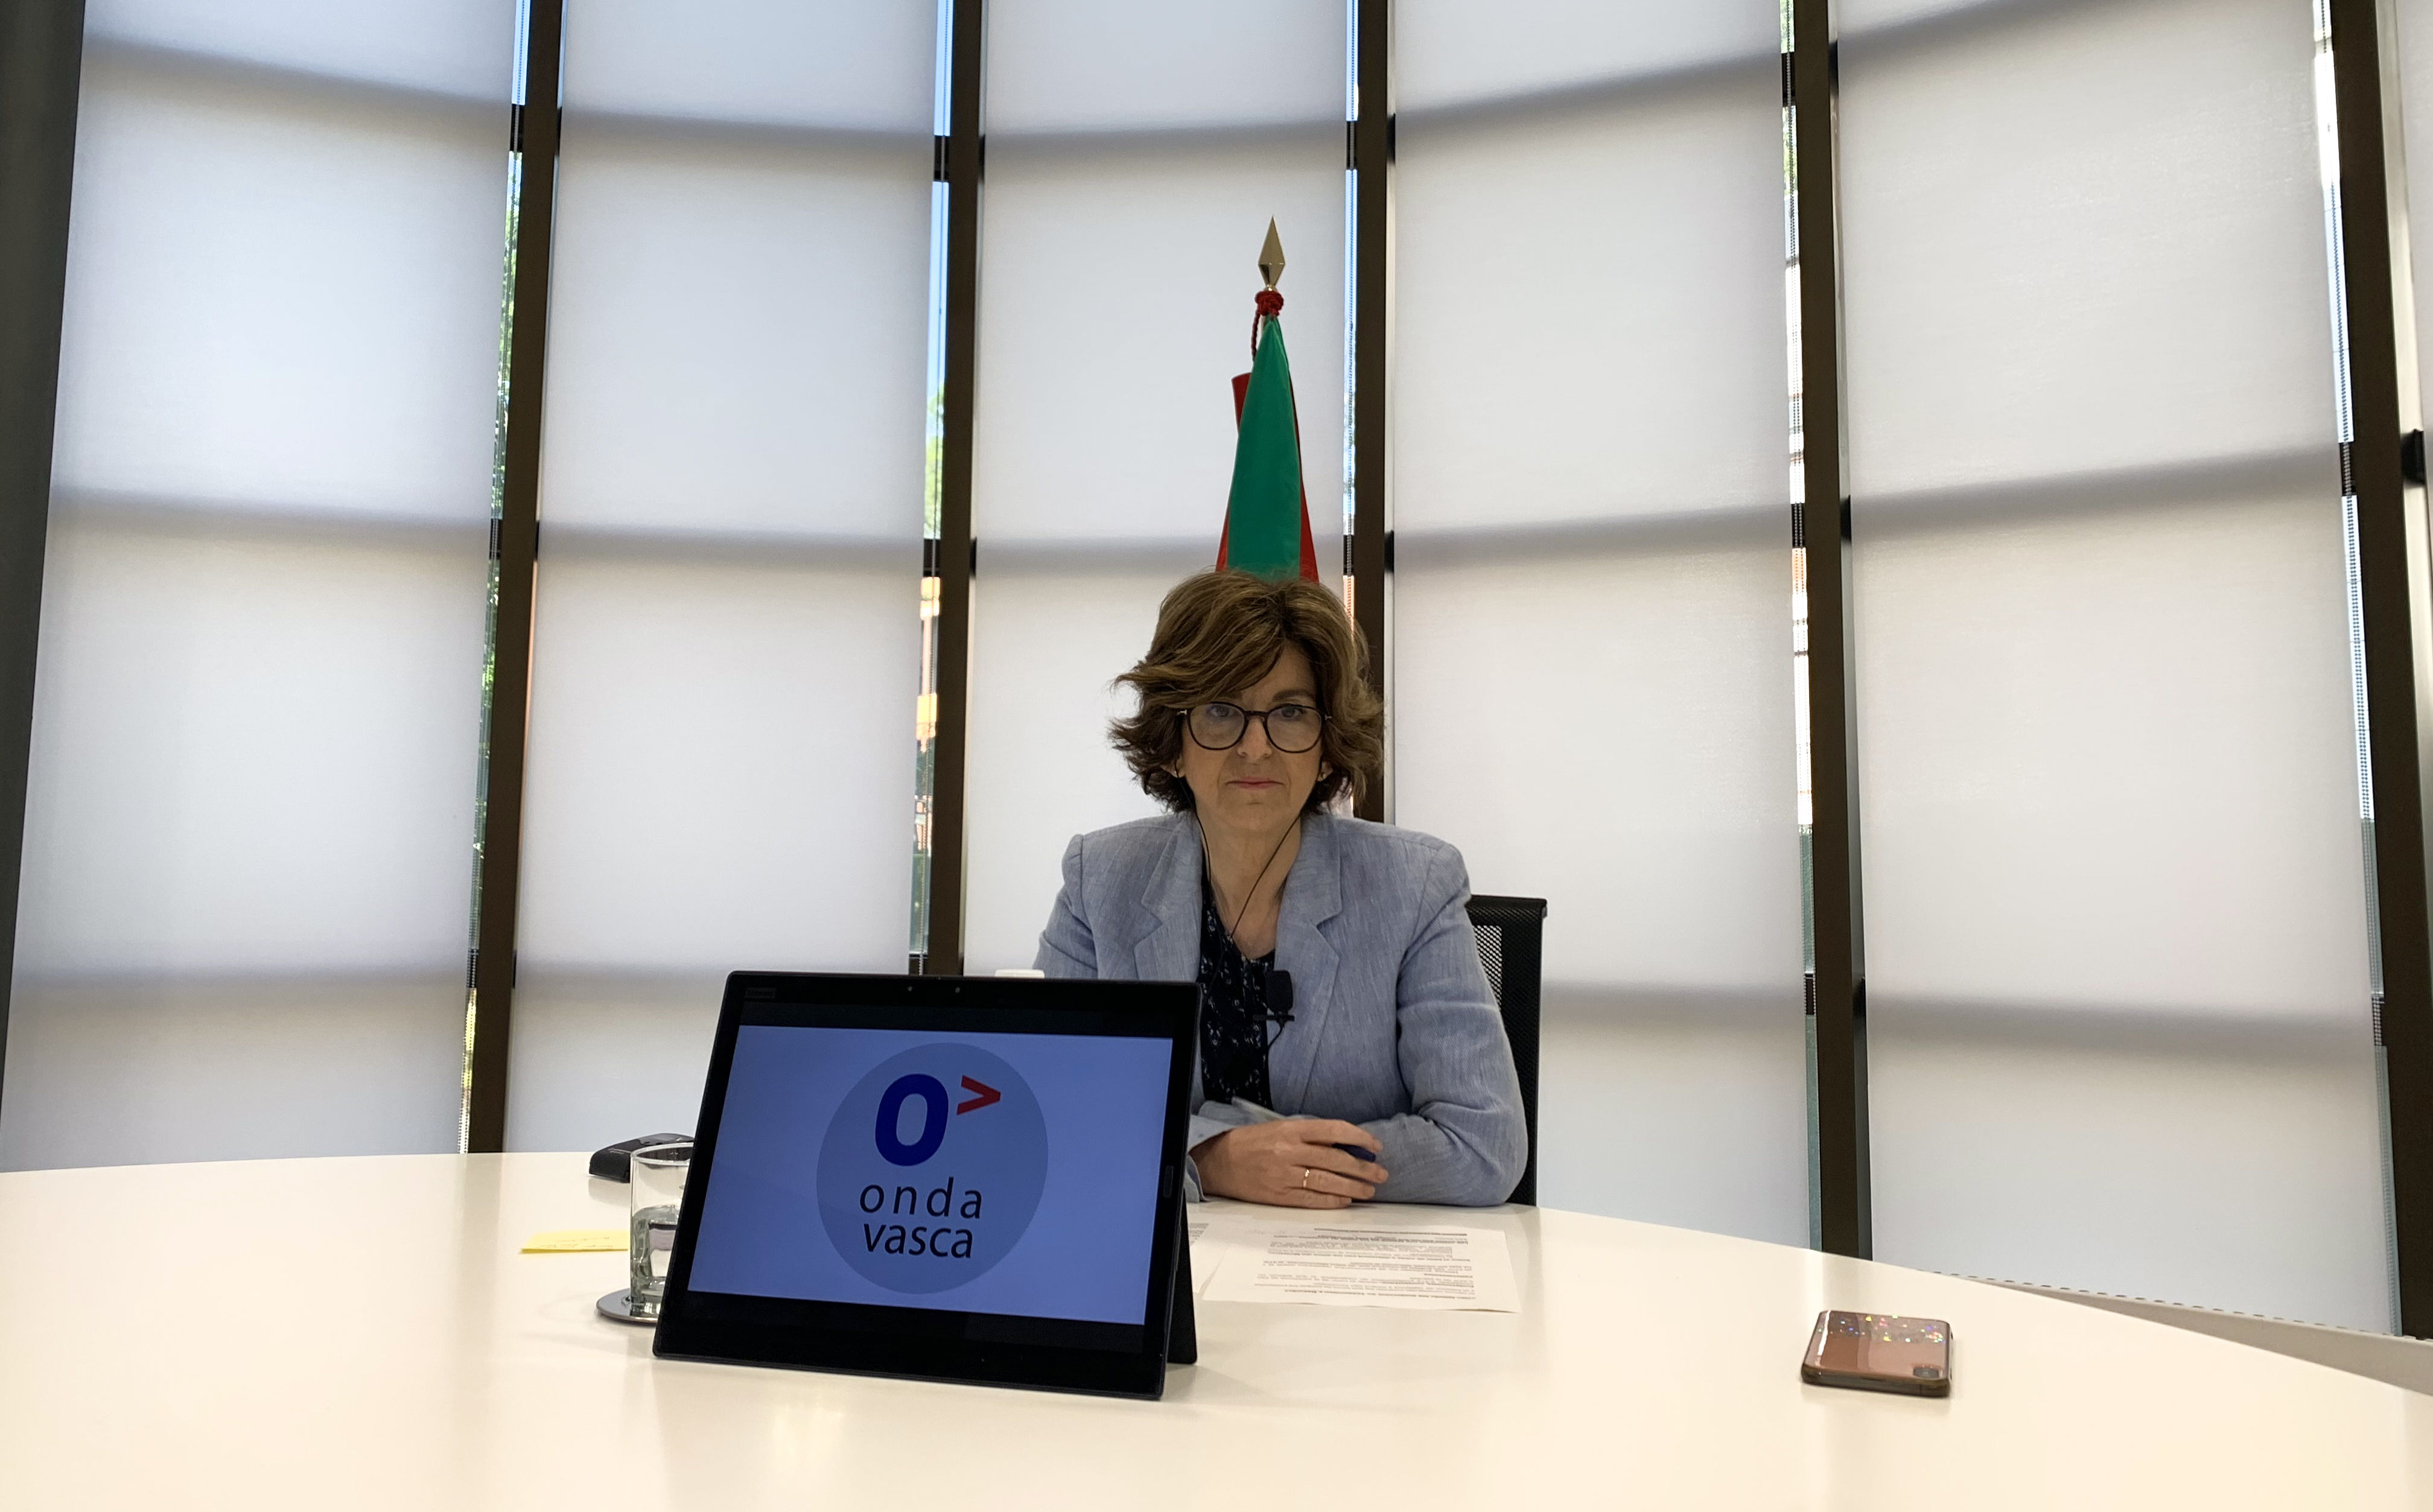 La Consejera de Salud, Nekane Murga, ha sido entrevistada en Onda Vasca